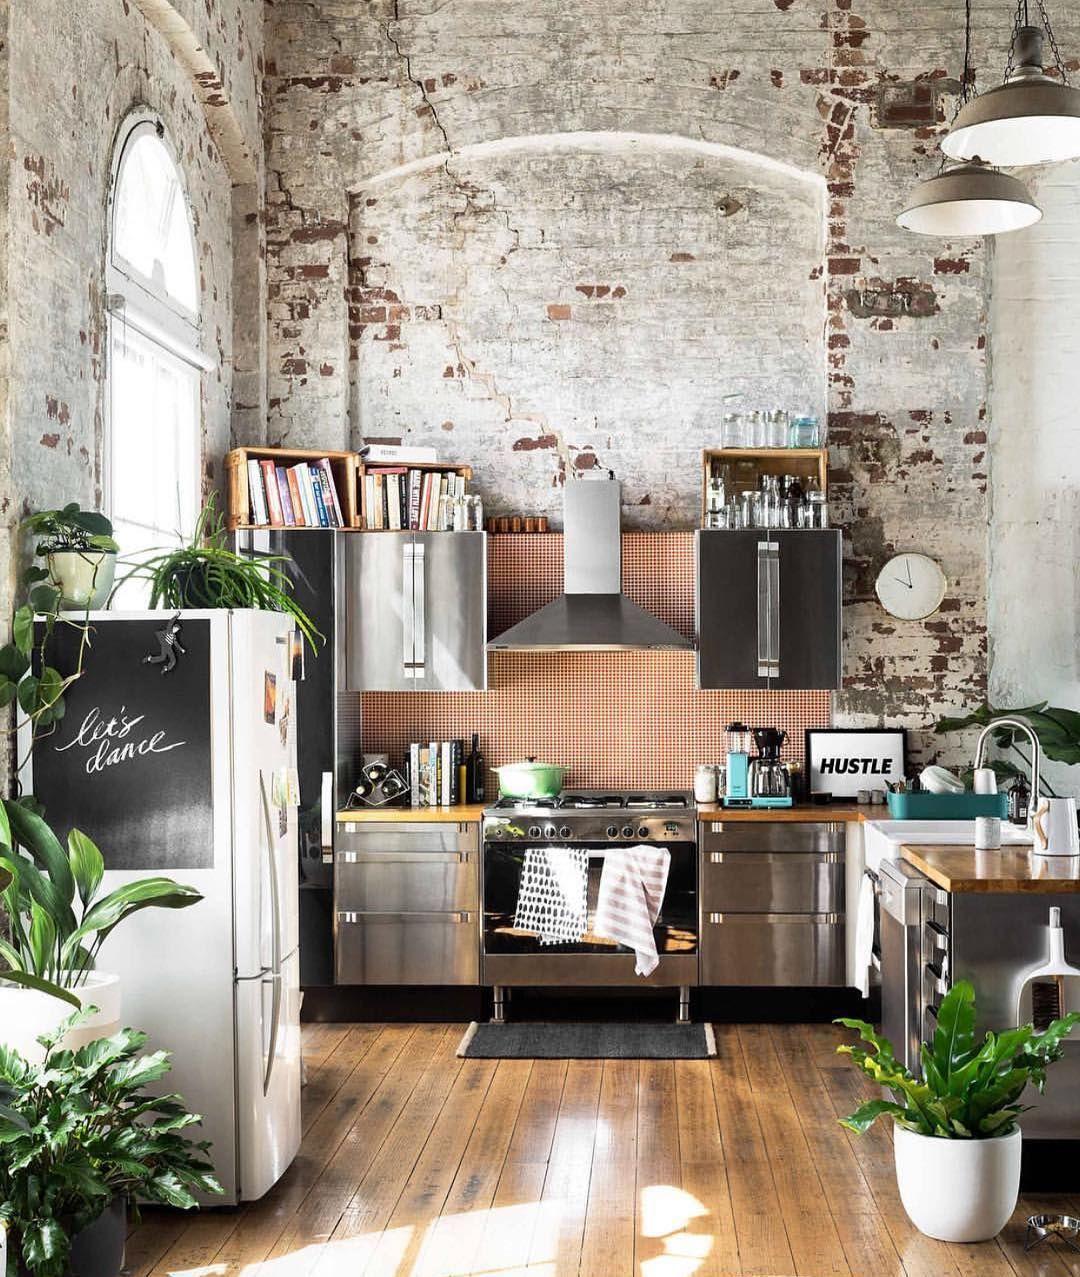 Fein Kleine Küche Renovierungen Australien Galerie - Küchenschrank ...